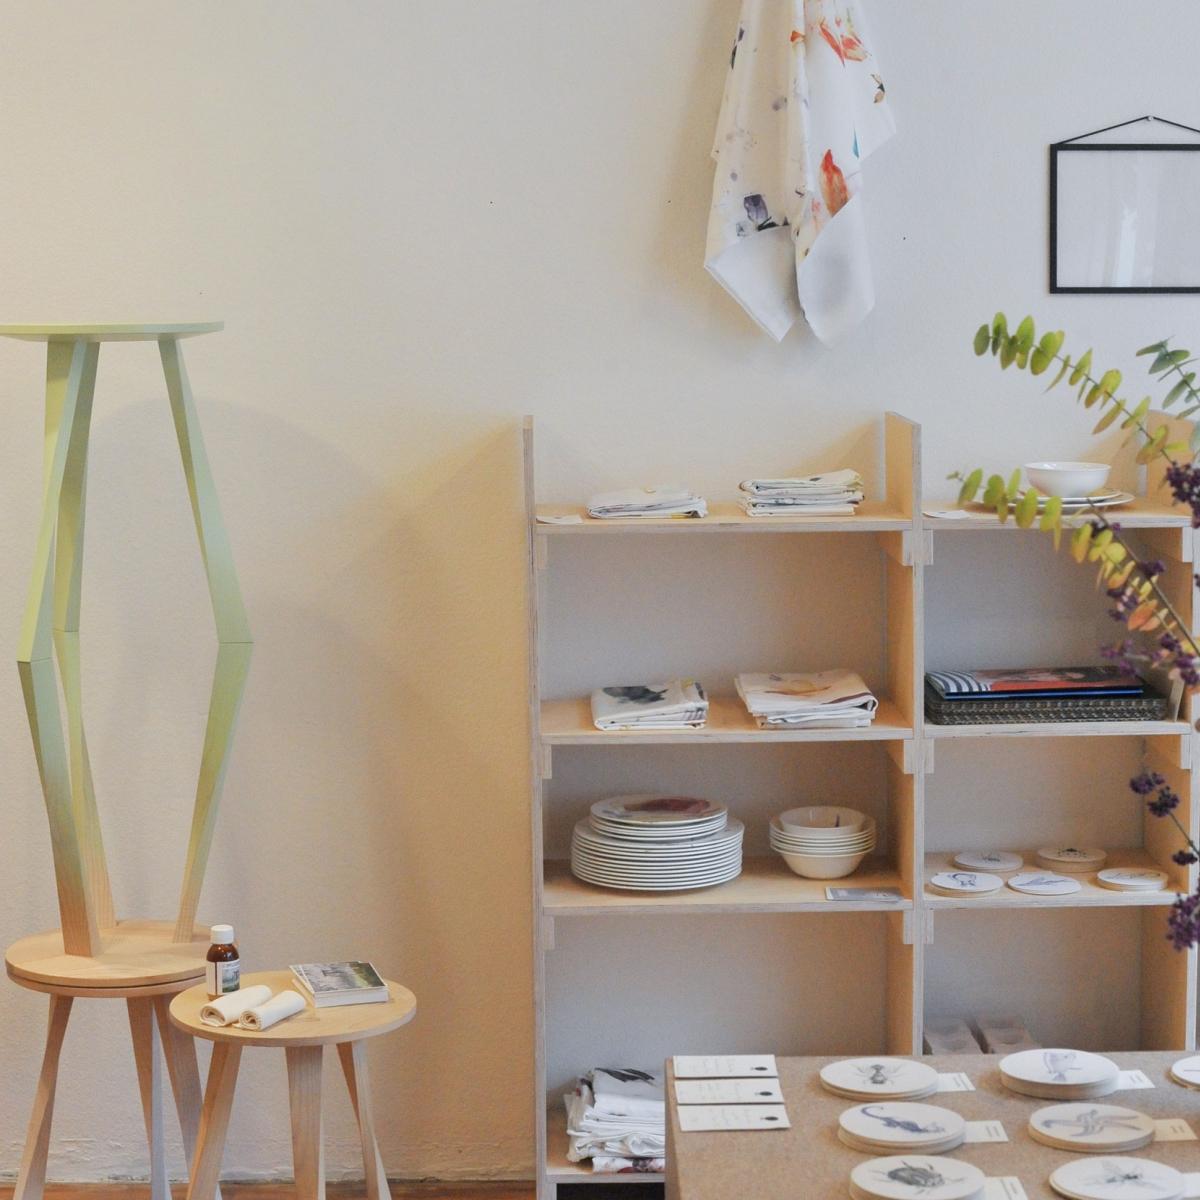 atelier volvox - interieurshop - zürich (1)